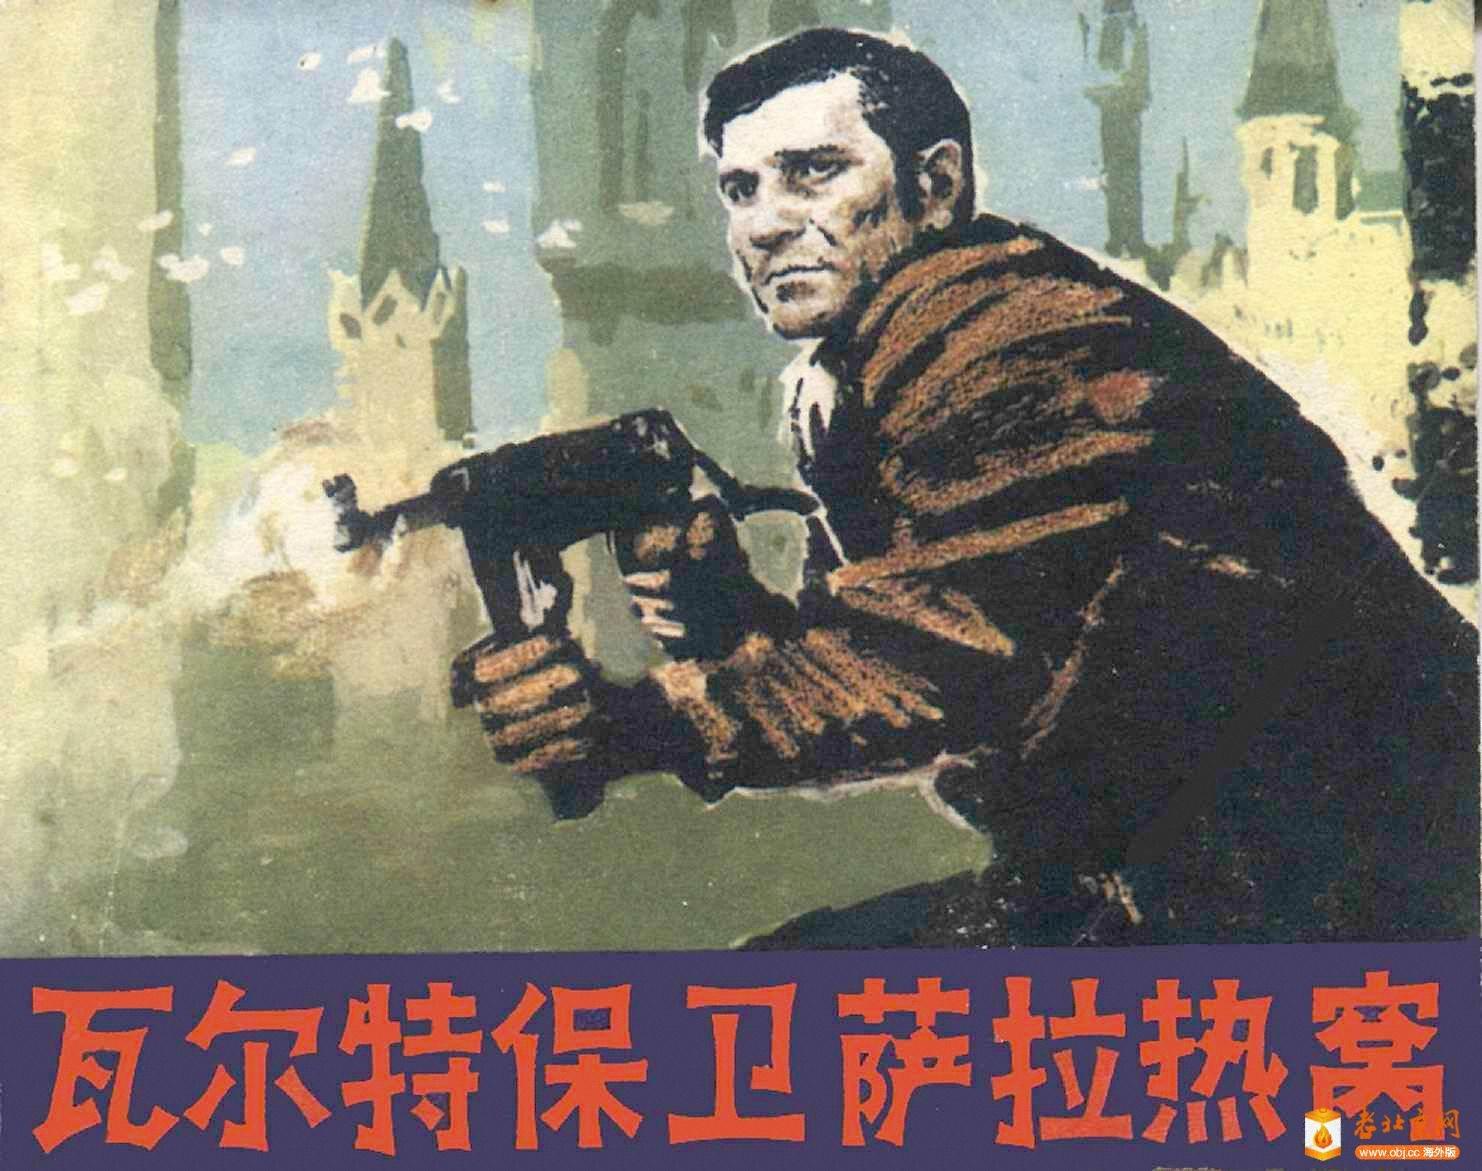 《瓦尔特保卫萨拉热窝》77年.jpg